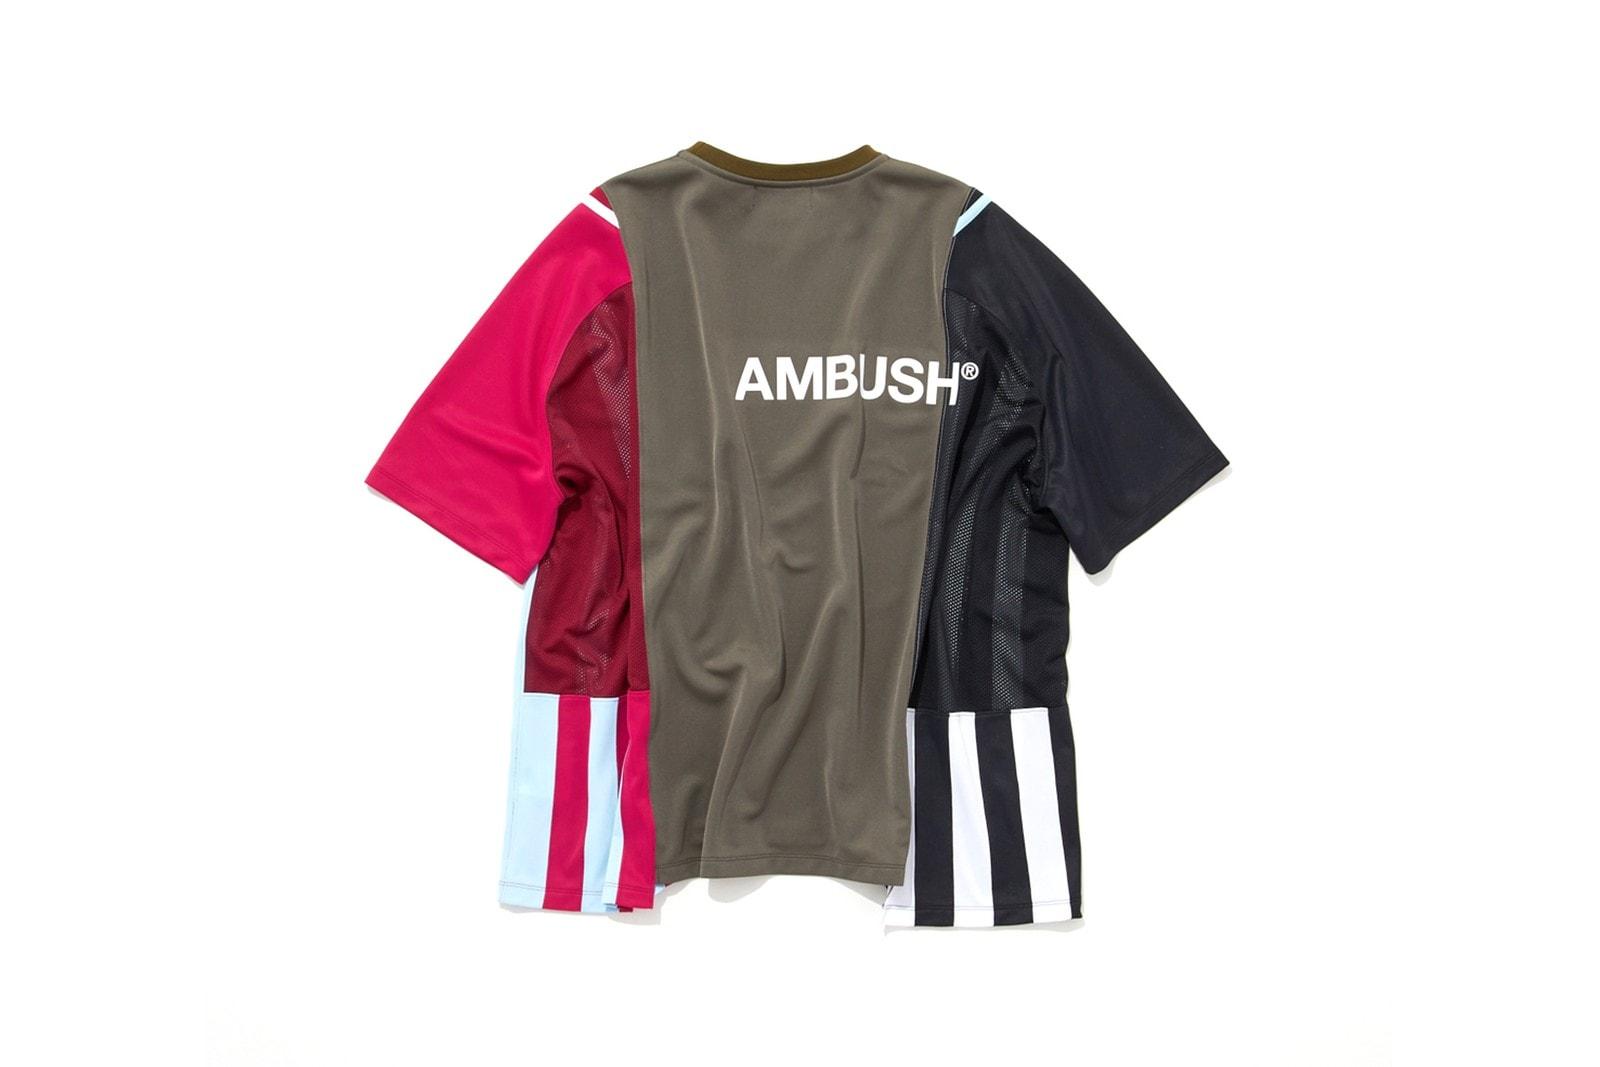 ユンが語るアンブッシュの新ラインについて Interviews:YOON が語る新ライン ARTISANAL のコンセプトや AMBUSH® との差別化について verbal バーバル